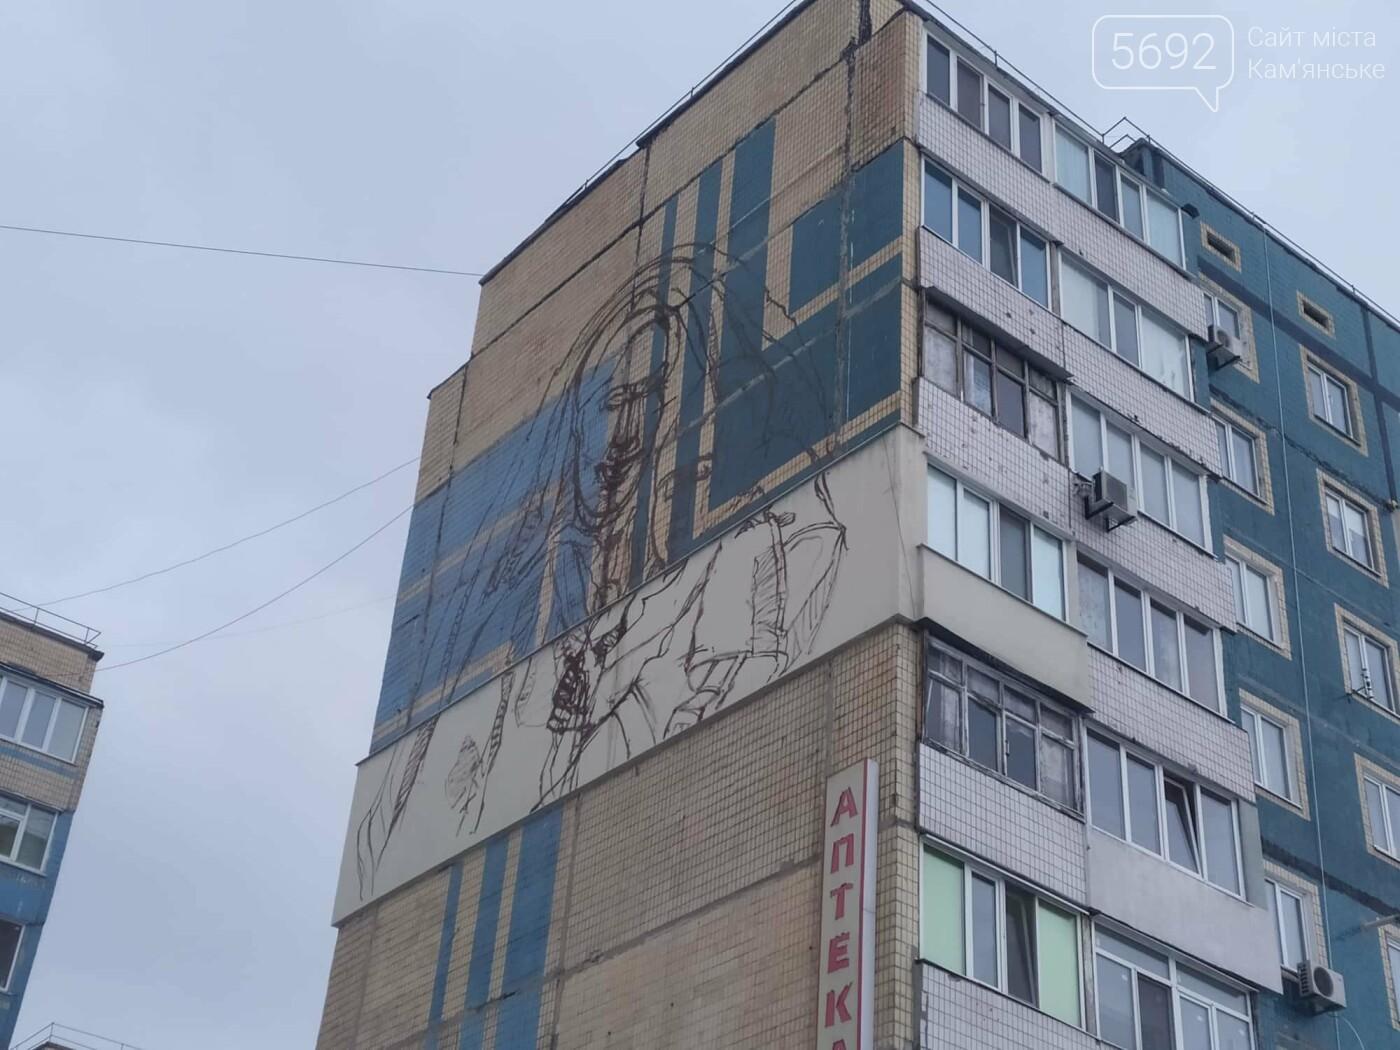 Художники разукрашивают Каменское, фото-7